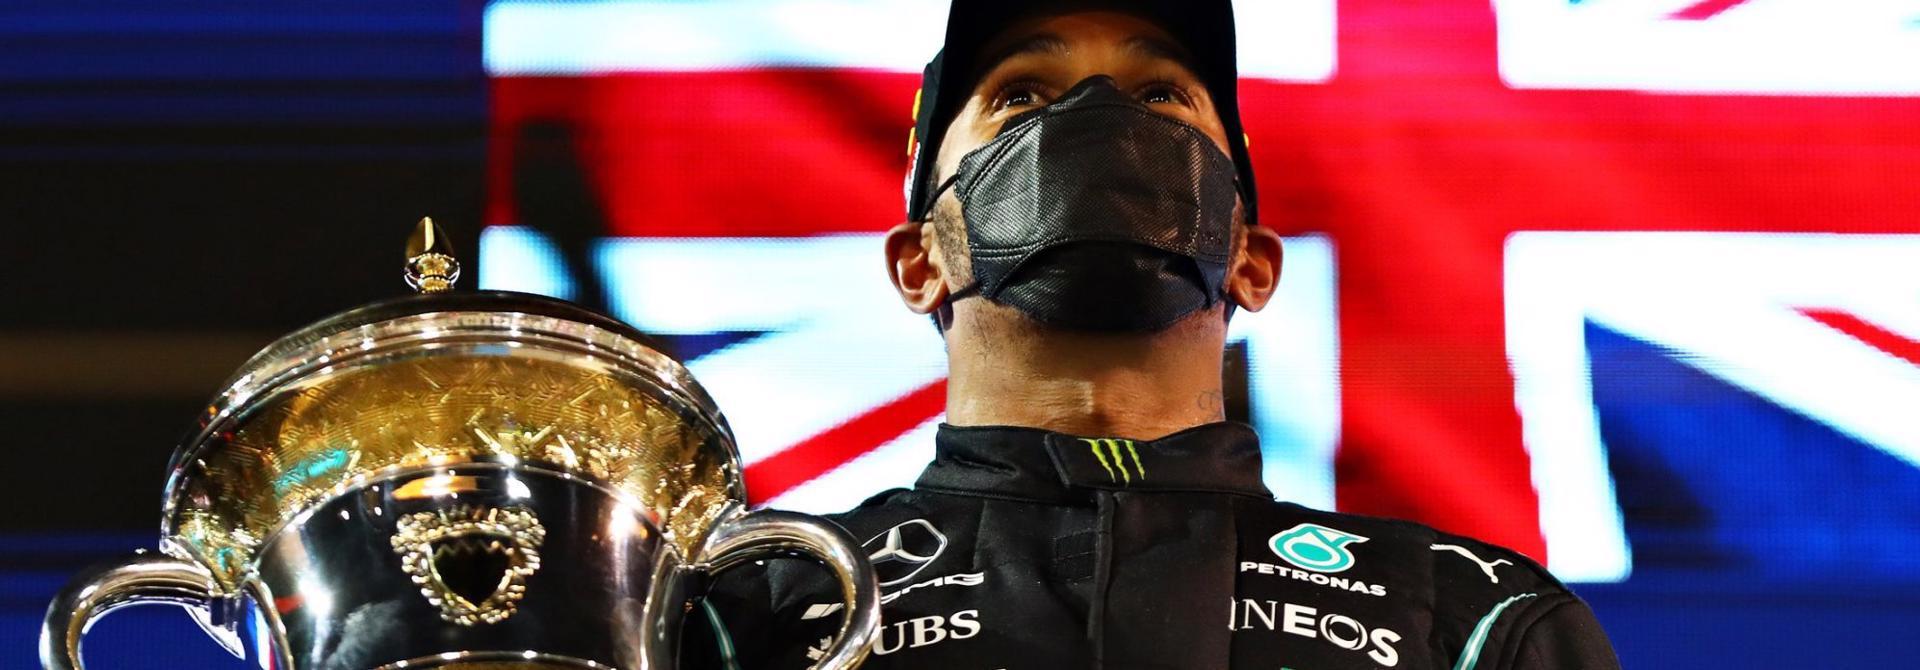 Những con số kỷ lục có thể bạn chưa biết sau chặng khai mạc F1 tại Grand Prix Bahrain